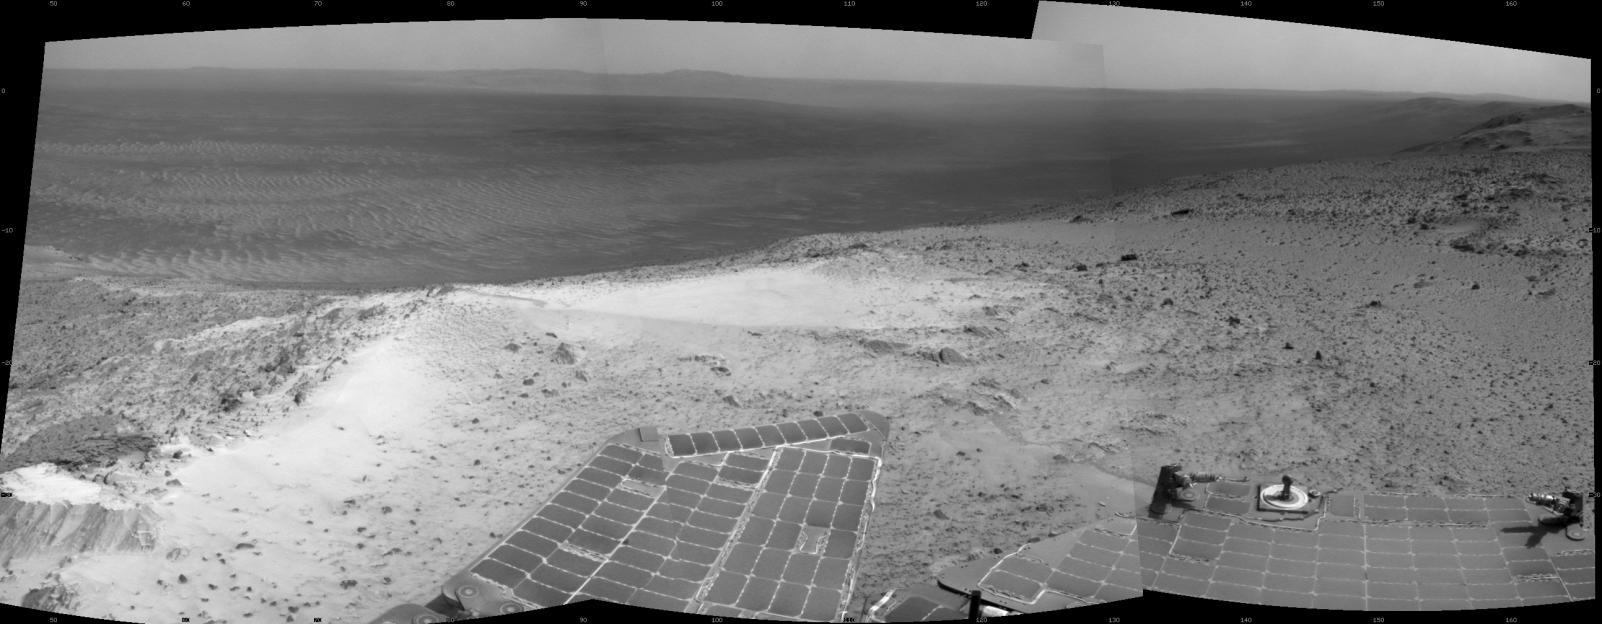 Vista del cráter Endeavour desde el borde occidental